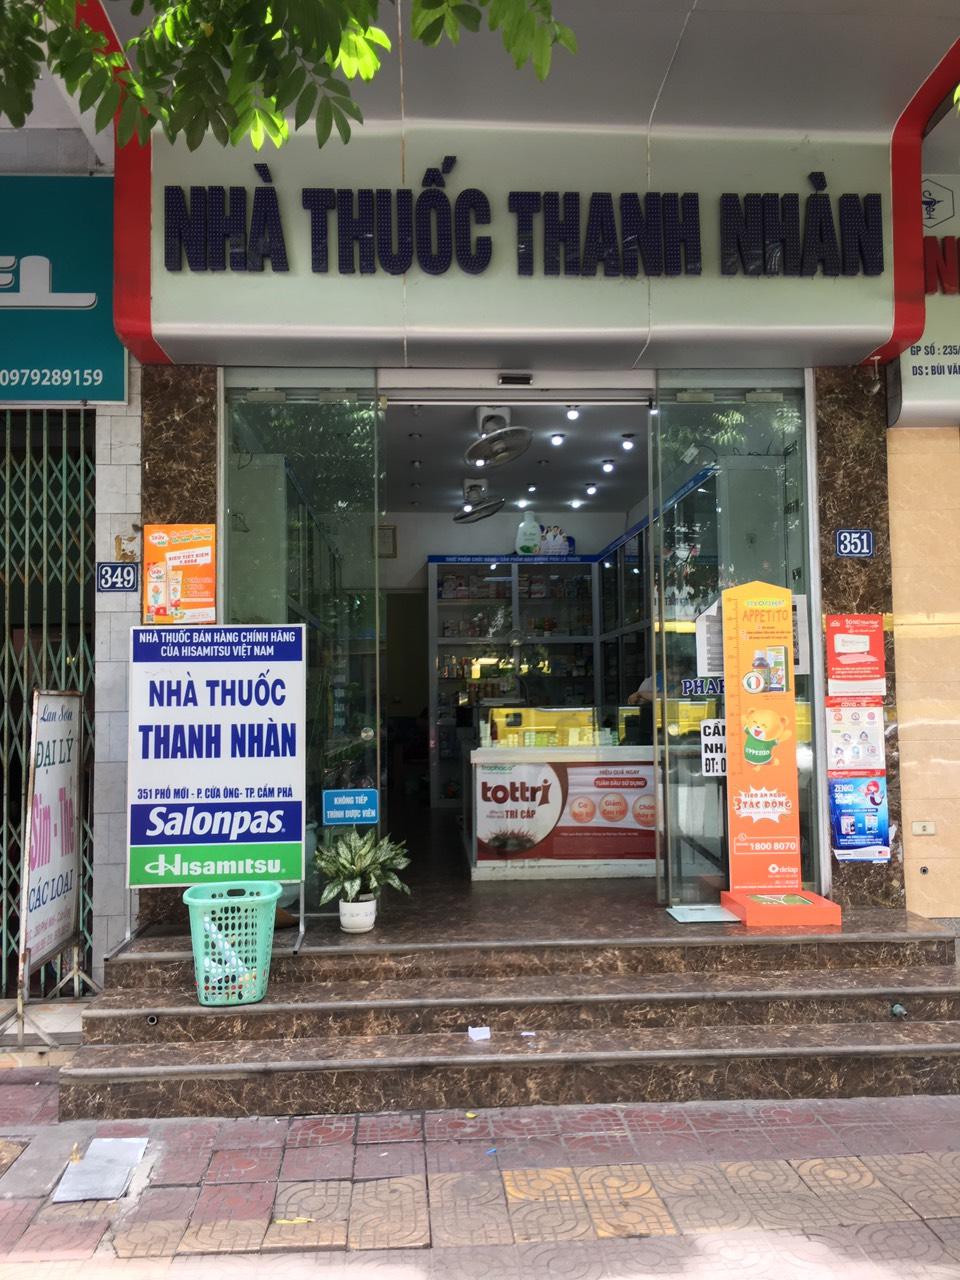 NT Thanh Nhàn